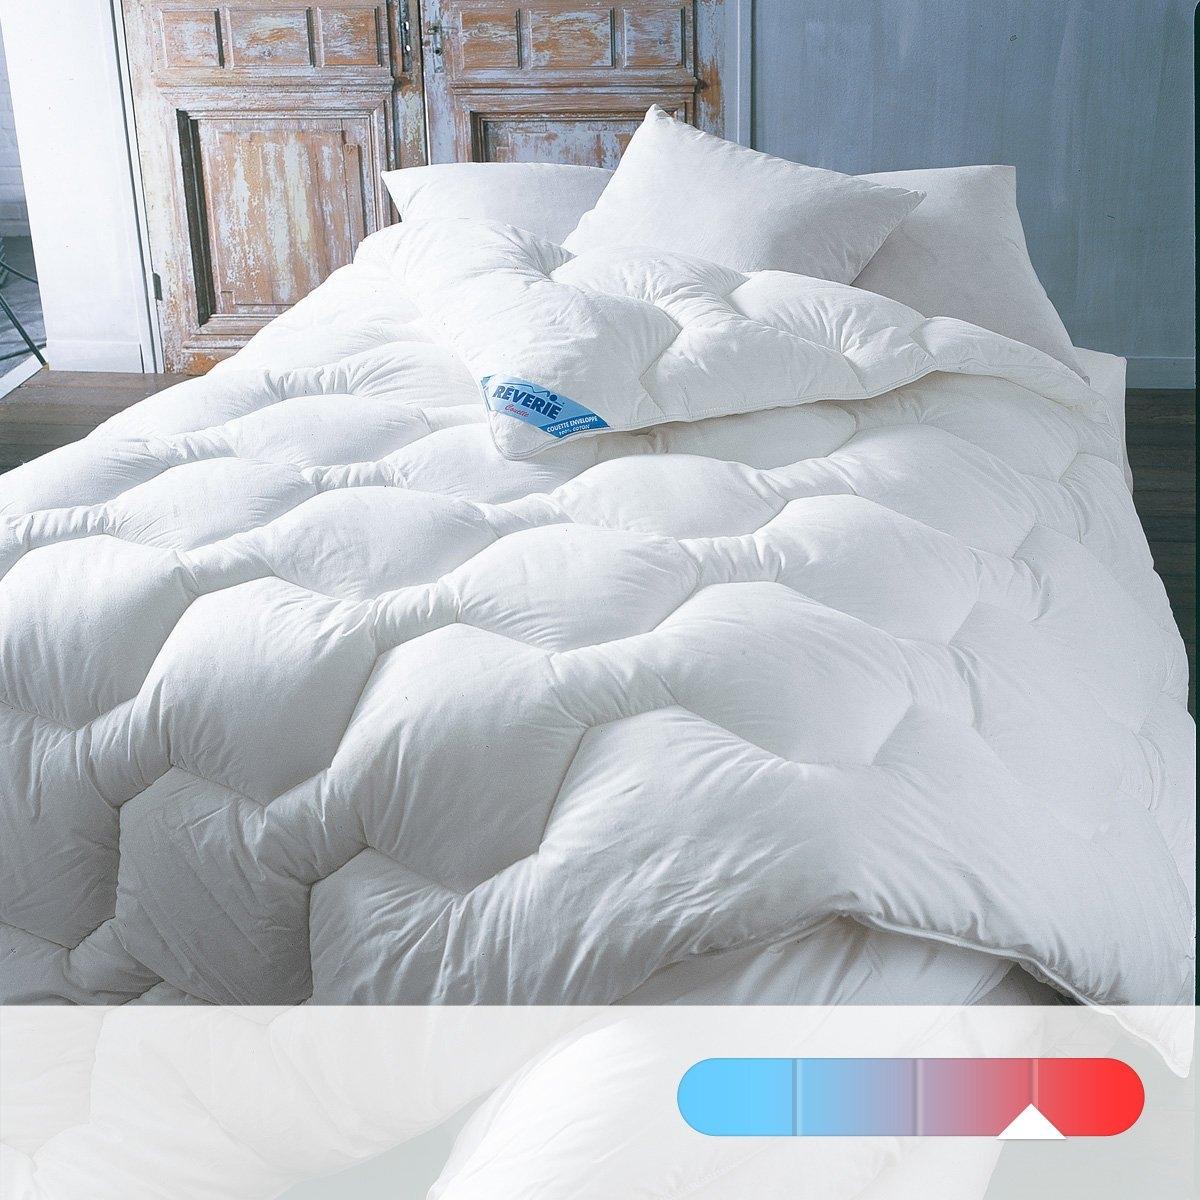 Одеяло синтетическое высокого качества от La Redoute